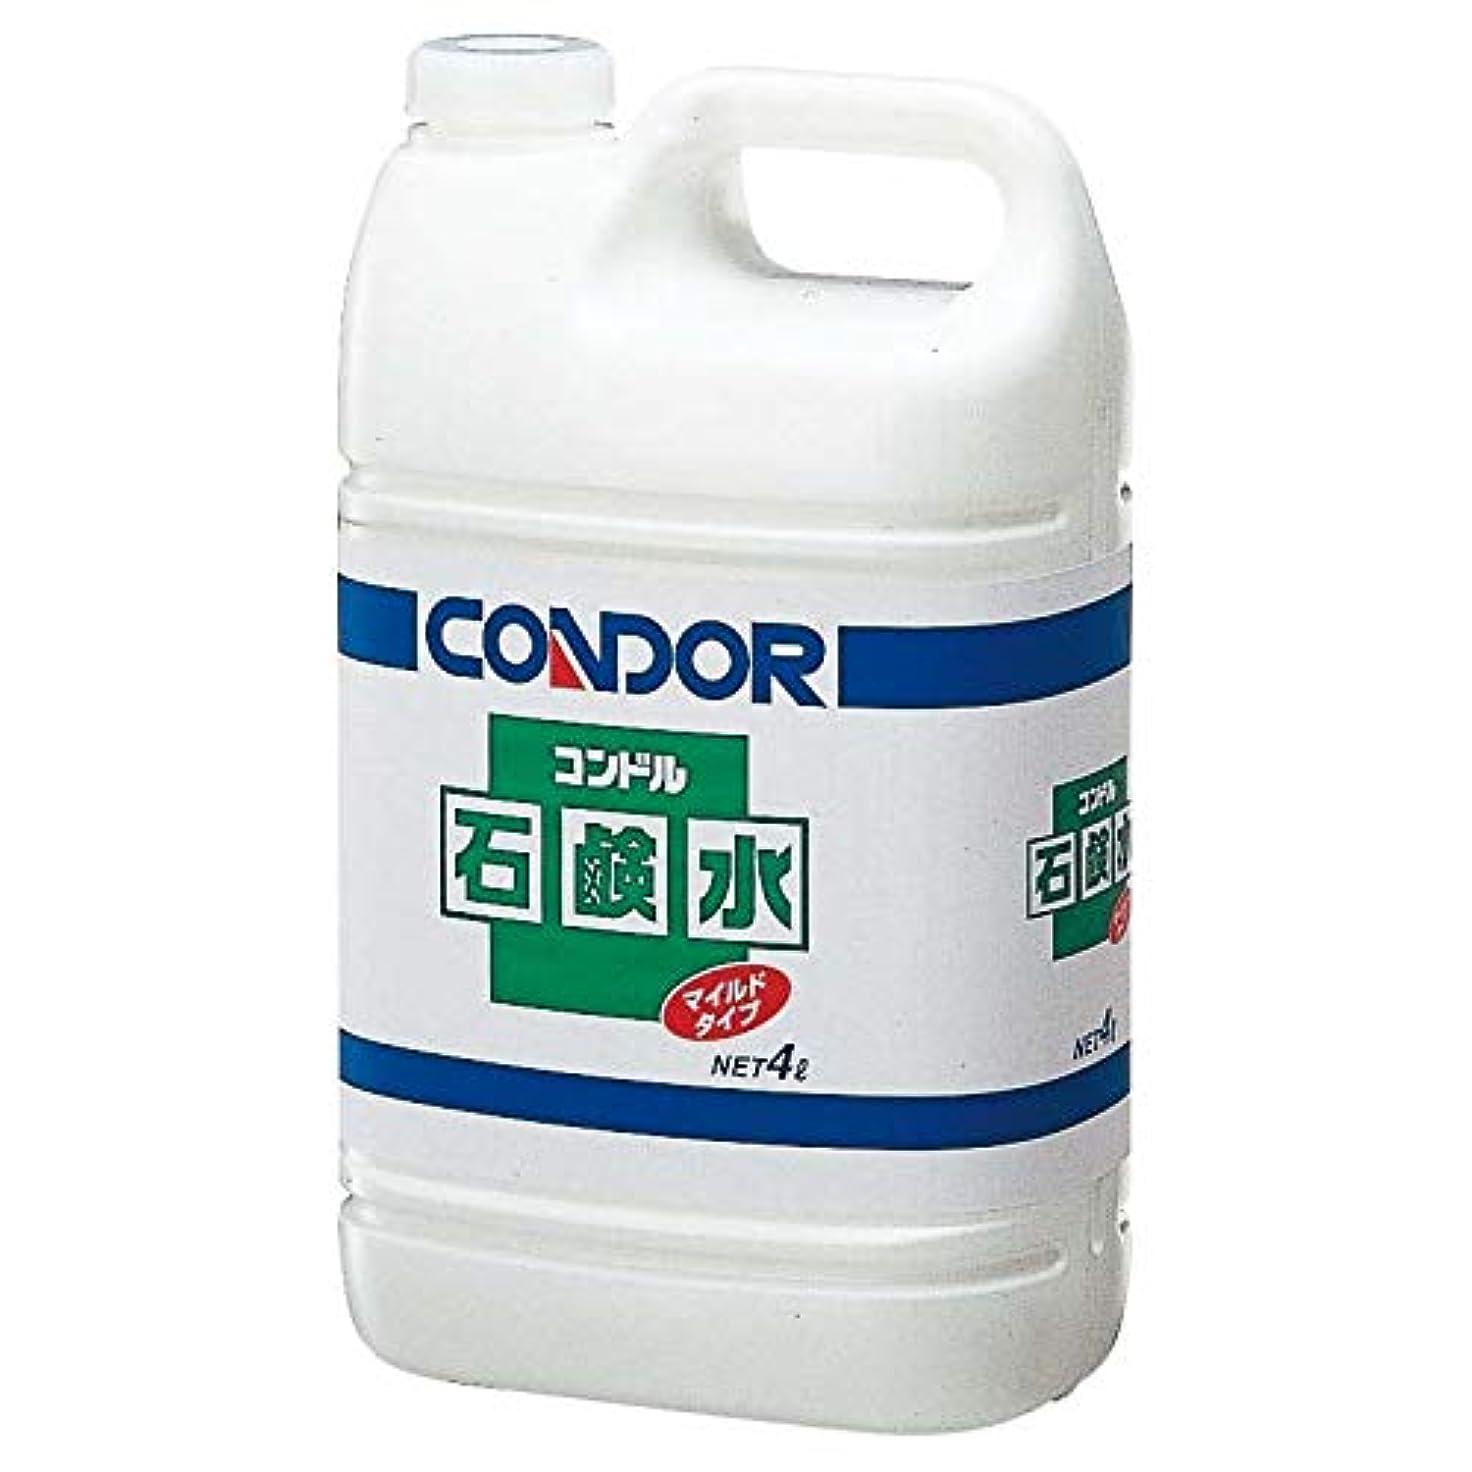 実験室経済的トロリーバス【清潔キレイ館】コンドル 石鹸水(4L)